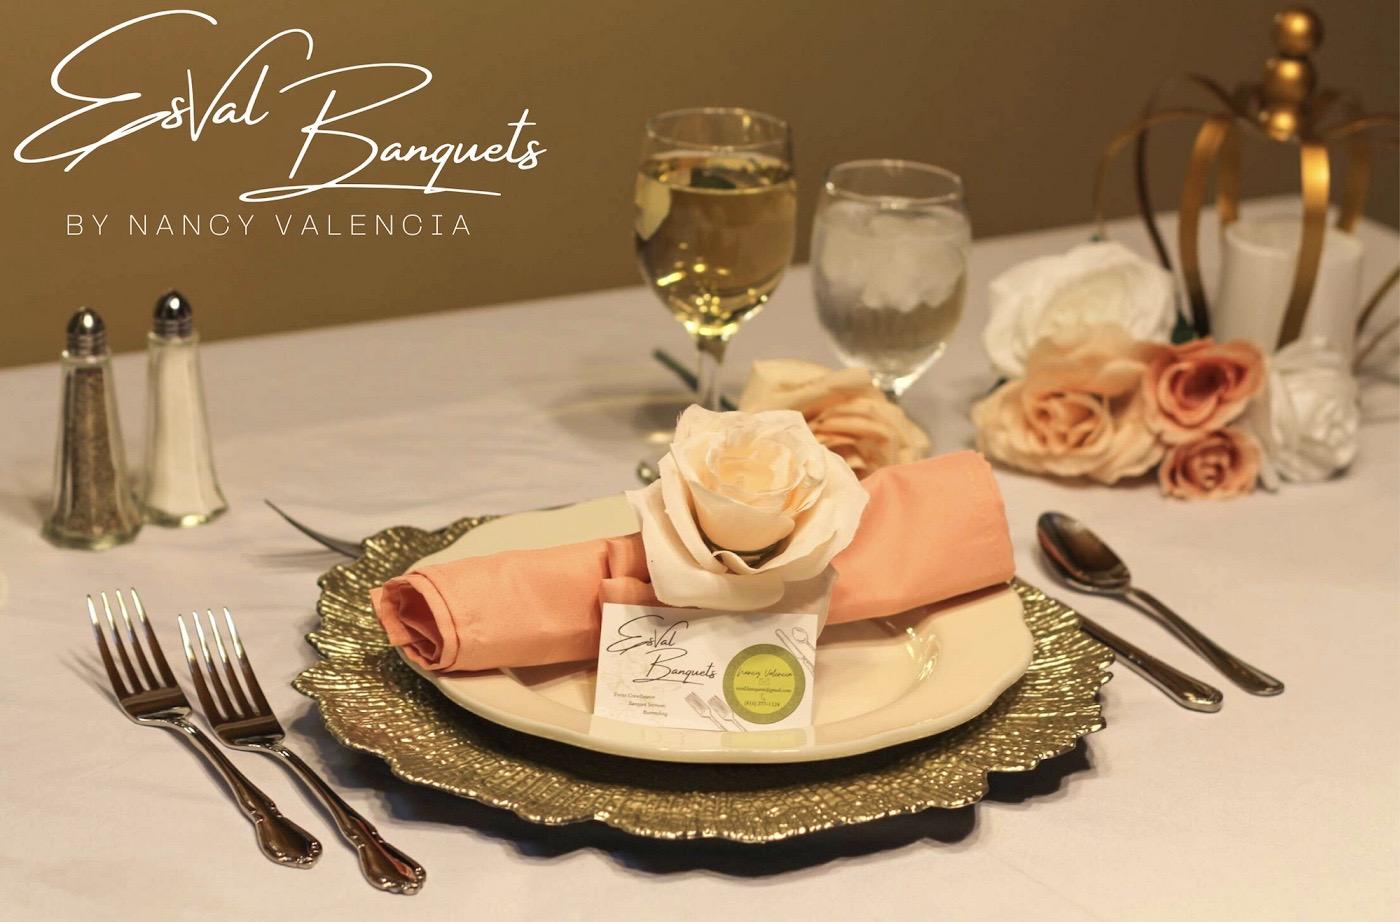 Special Vendor Feature: EsVal Banquets